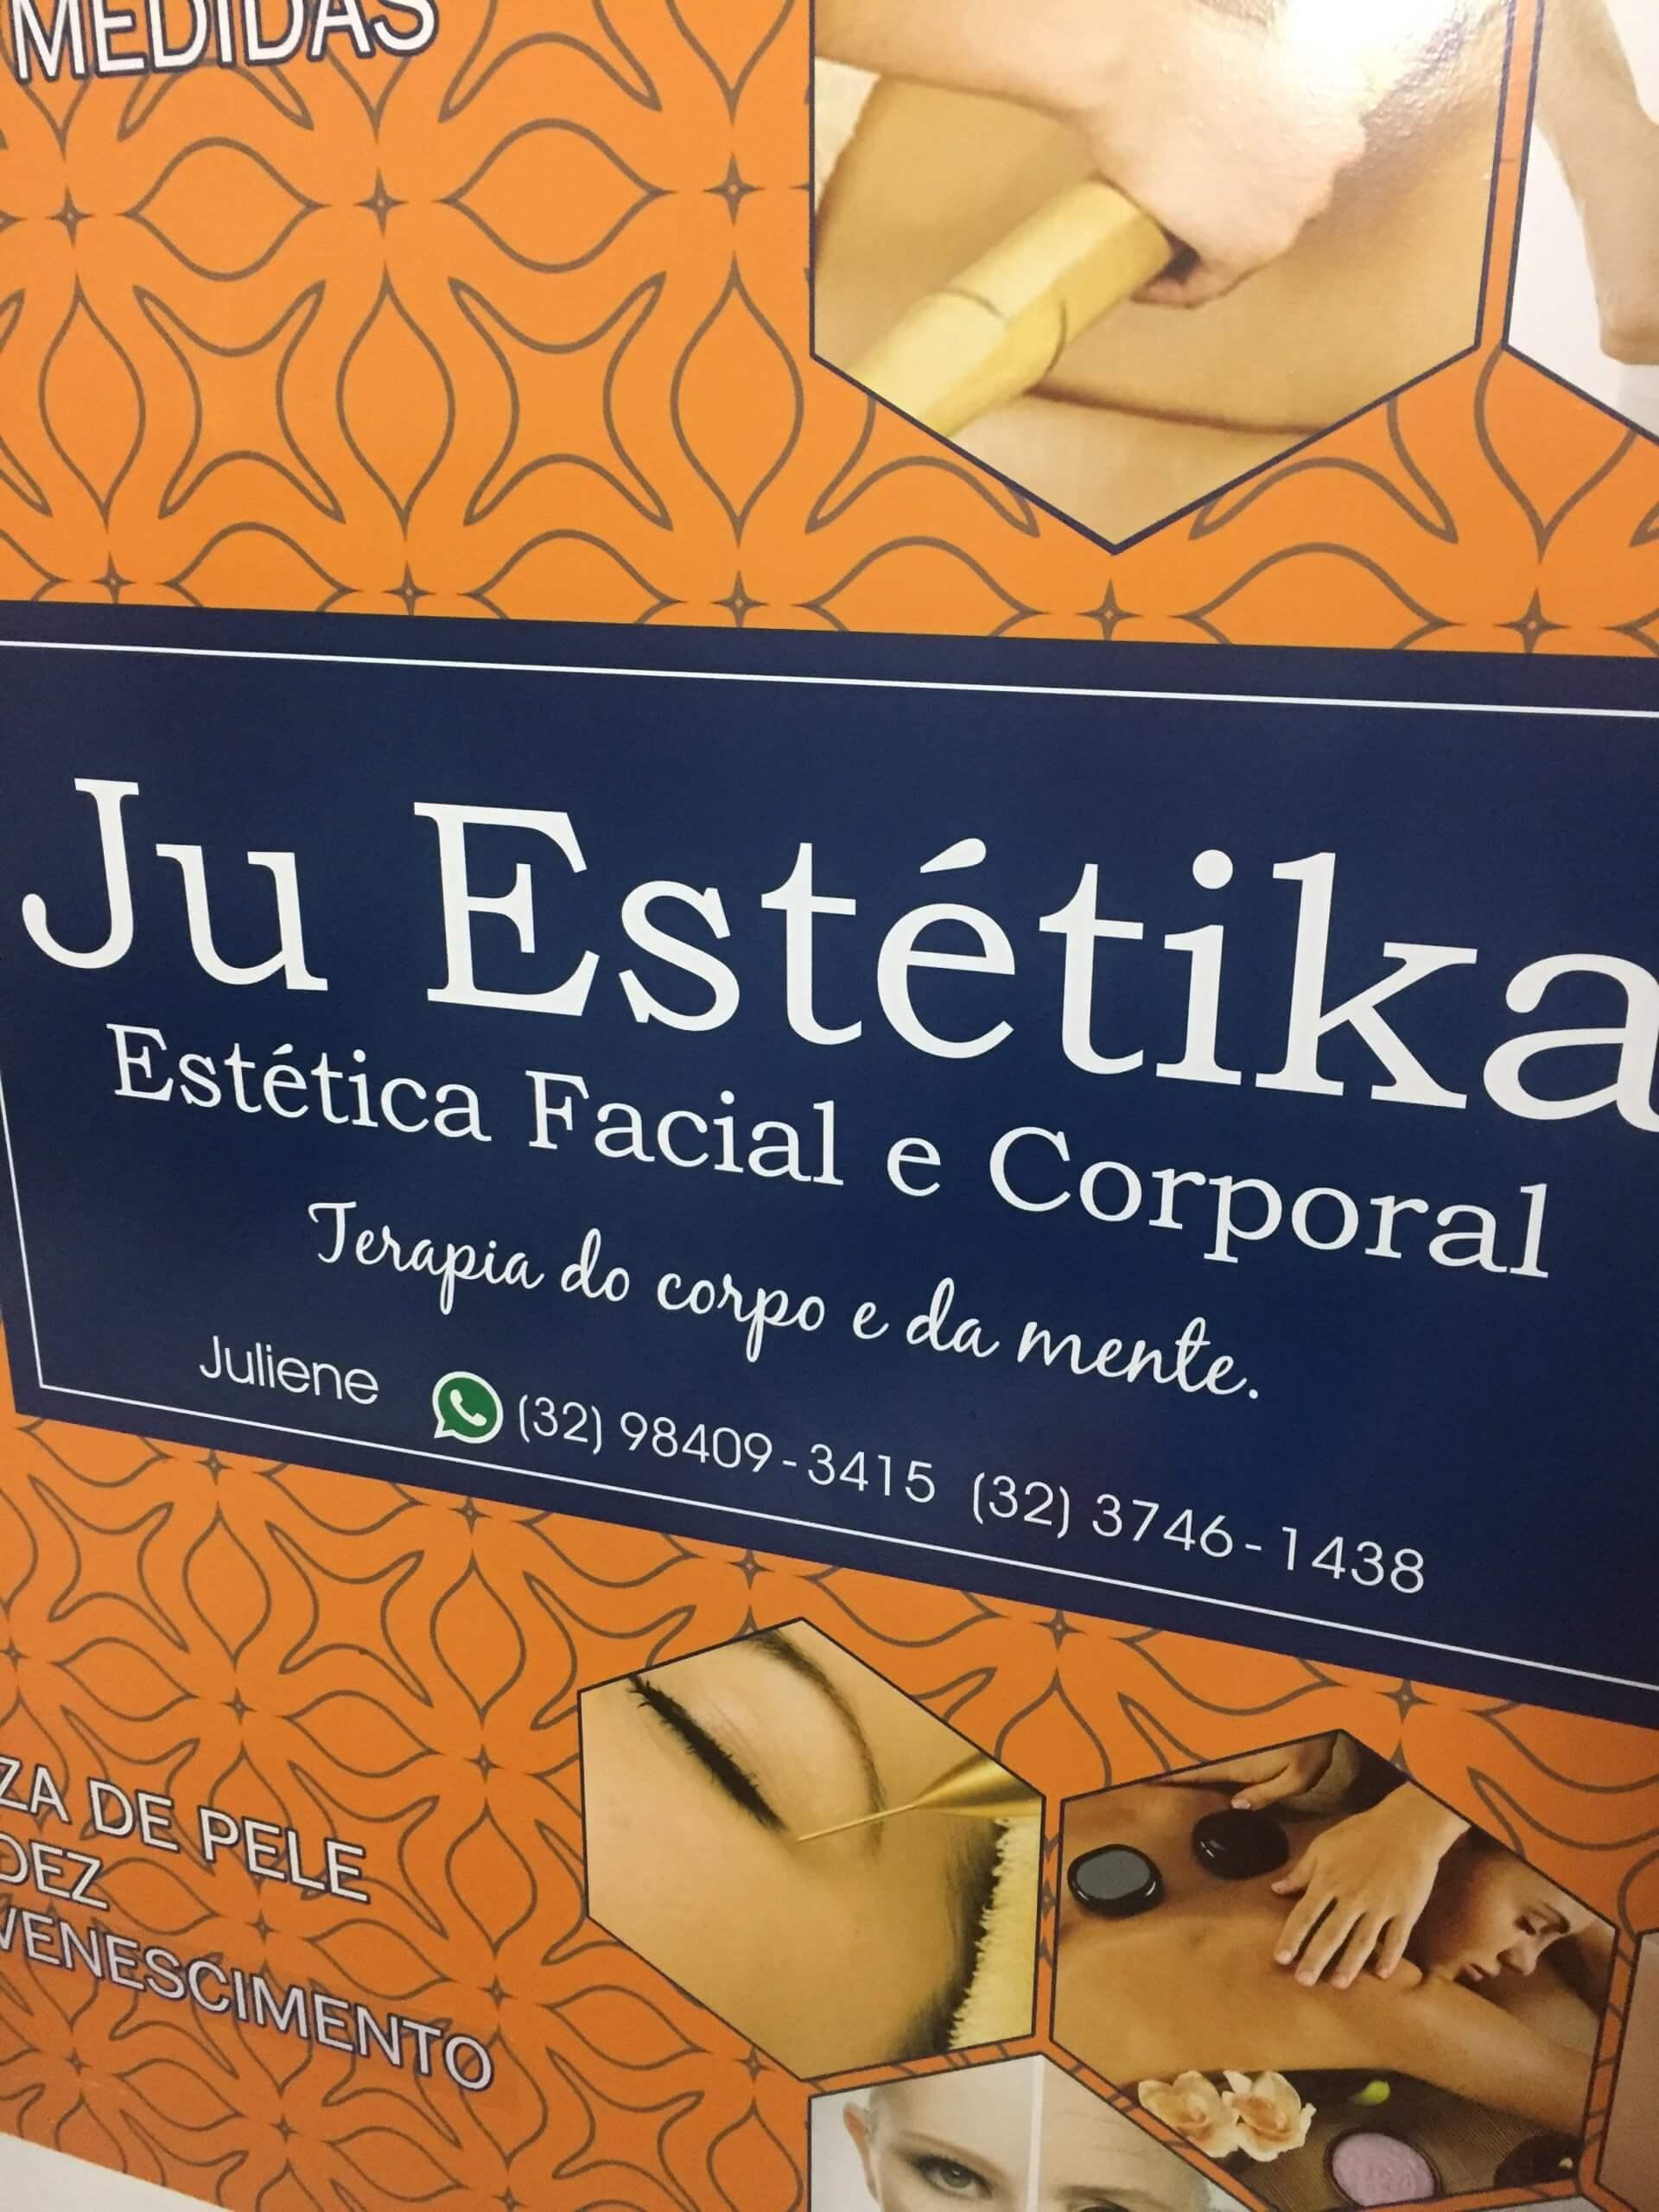 Ju Estétika